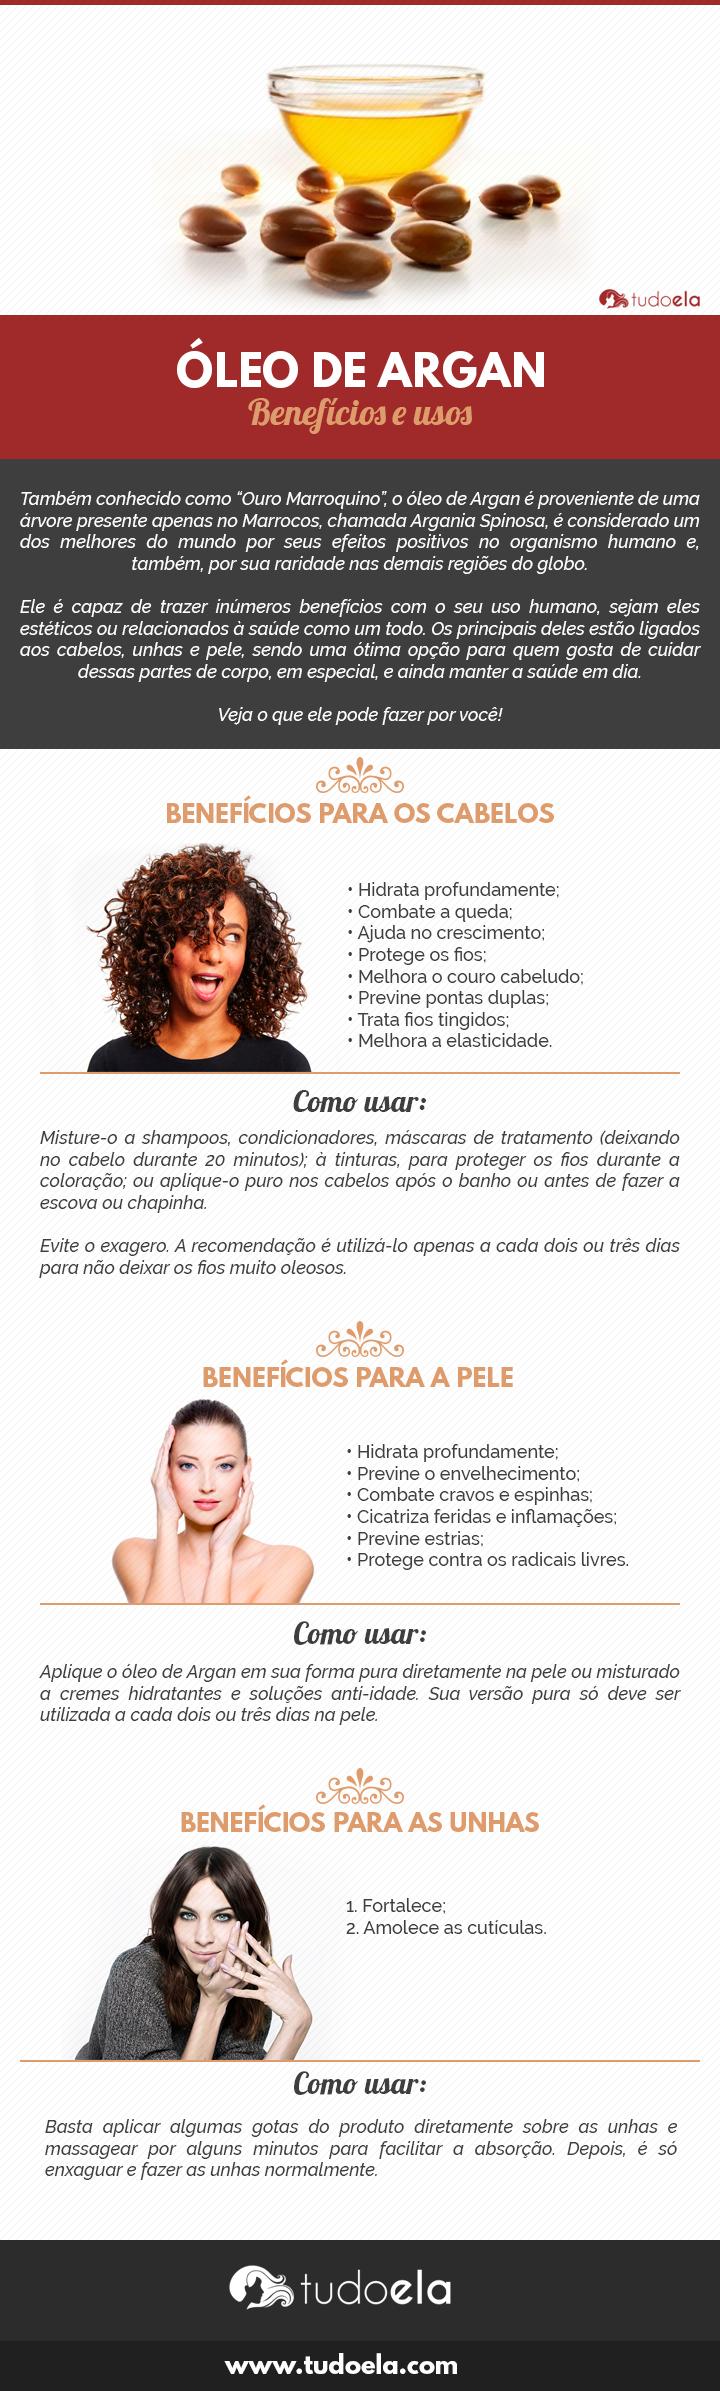 Óleo de Argan infográfico com benefícios para pele, cabelos e unhas